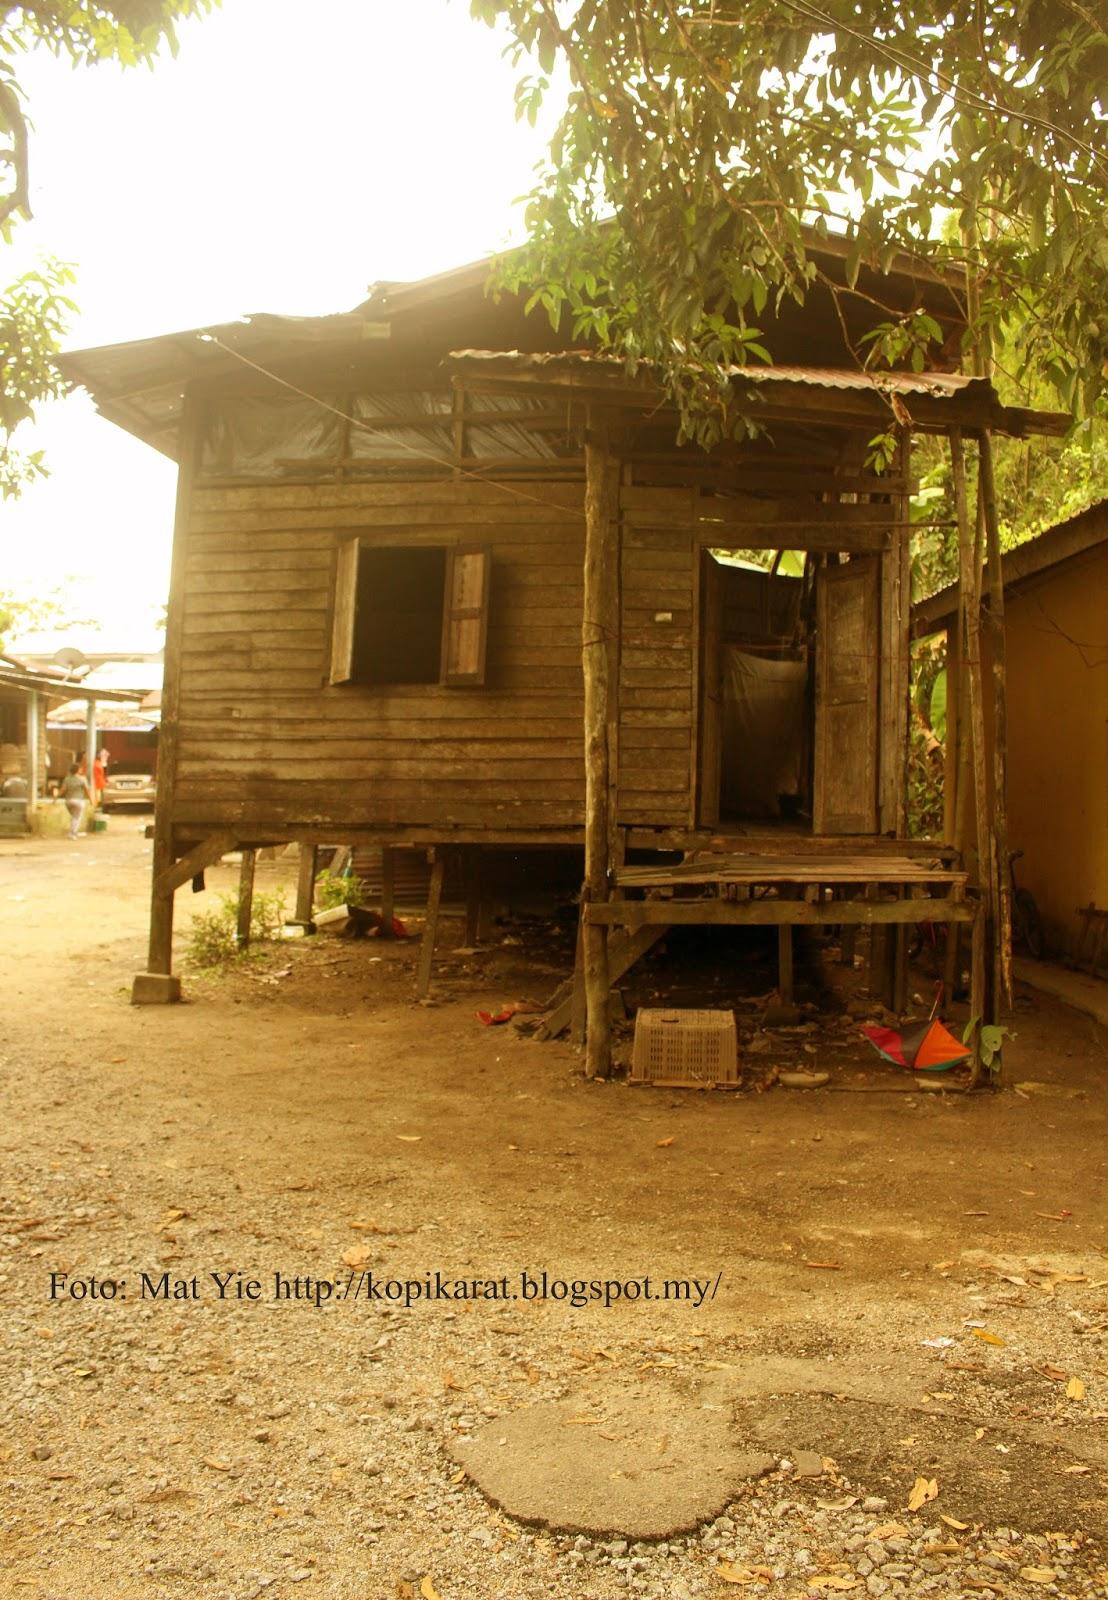 Rumah Yang Diberi Tumpang Oleh Susilawati Dan Keluarga Di Hujung Kampung Tidak Dapat Hendak Digambarkan Kehin Ini Mengharungi Hari